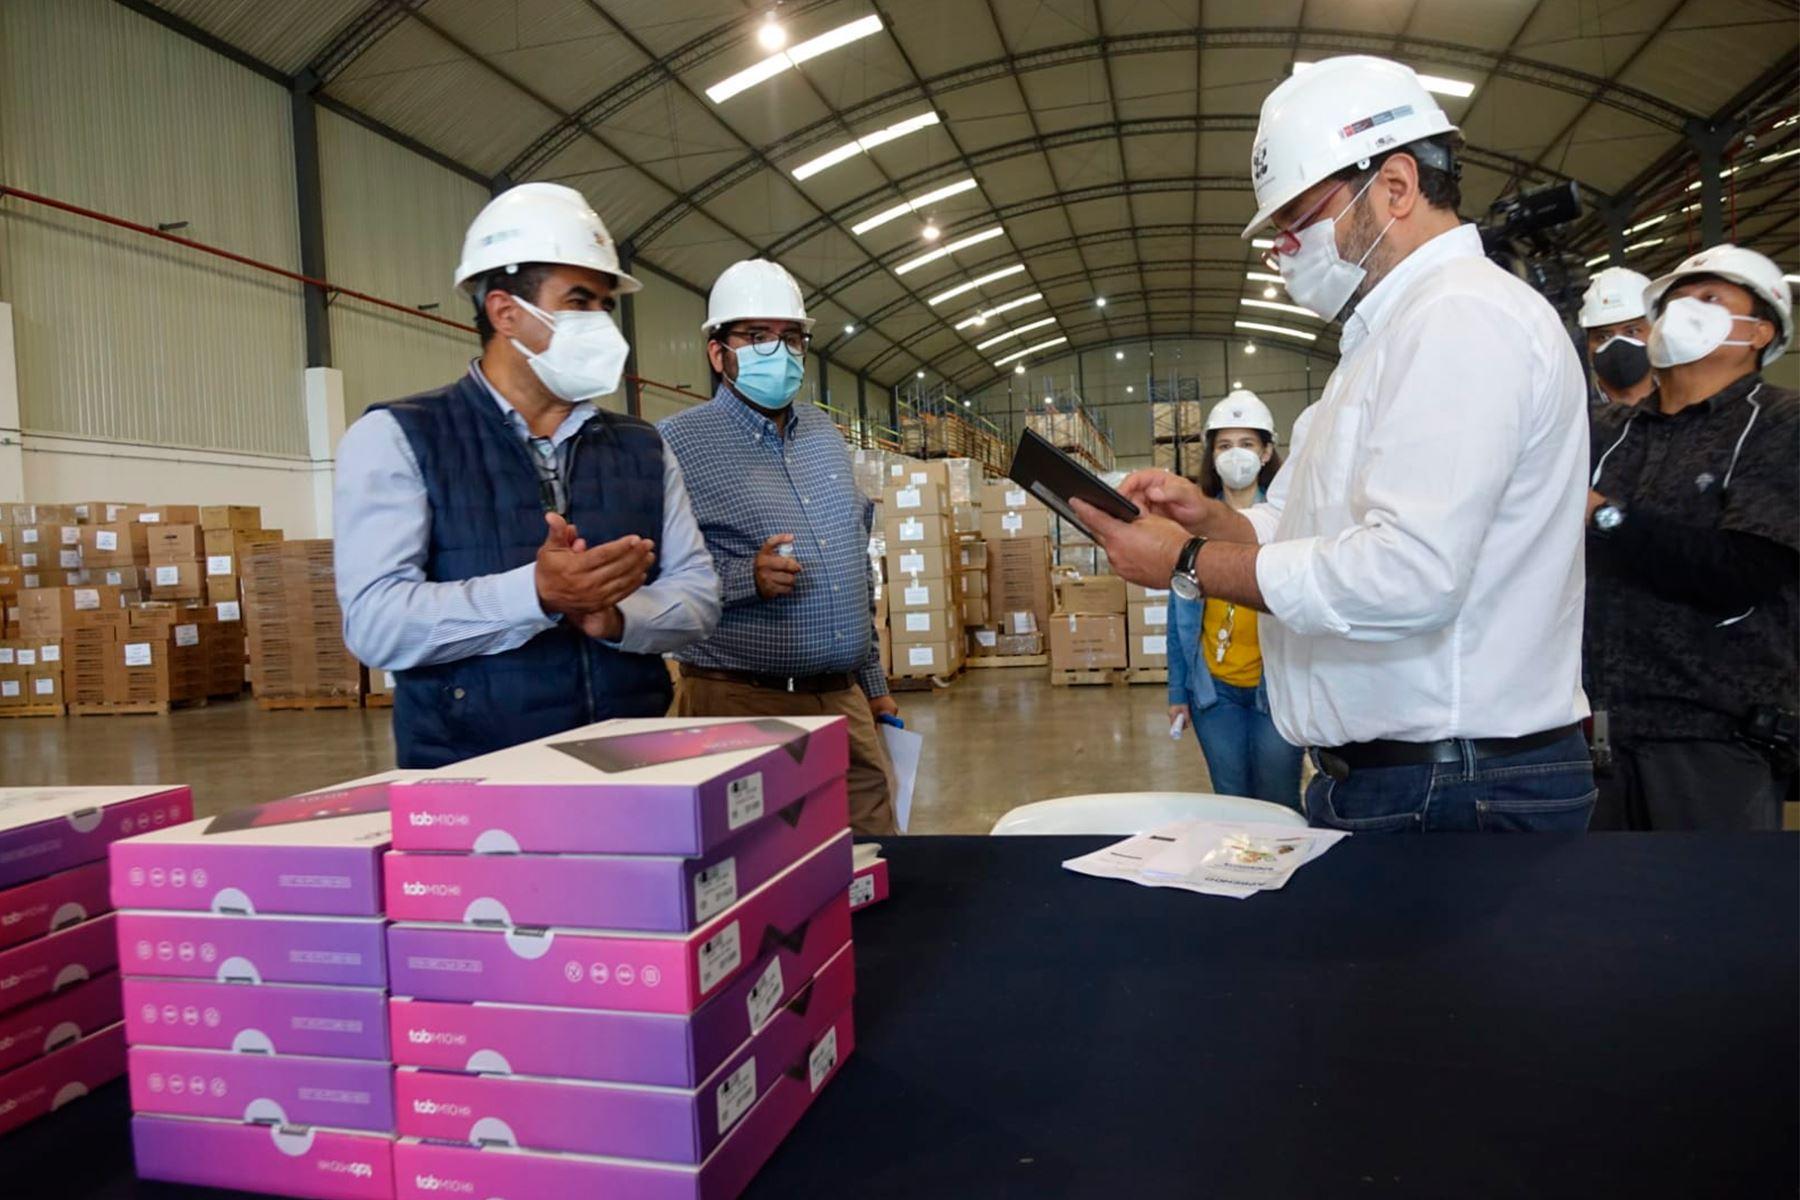 Ministro de Educación supervisó proceso de recepción y revisión de las tablets en almacenes de Lurín. Foto: ANDINA/Minedu